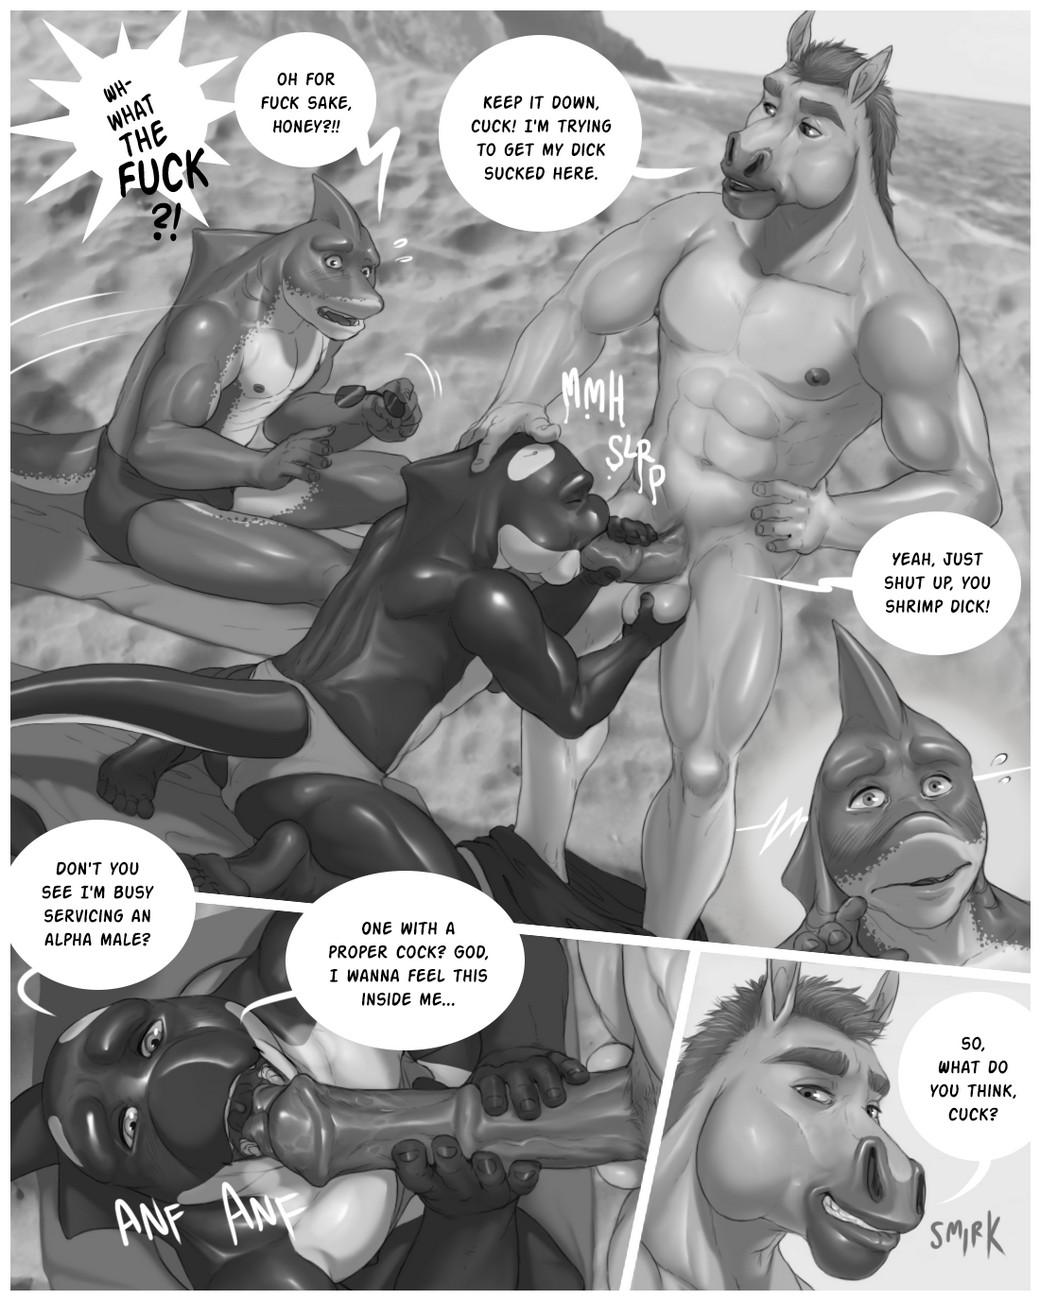 Beach Bull-y gay furry comic